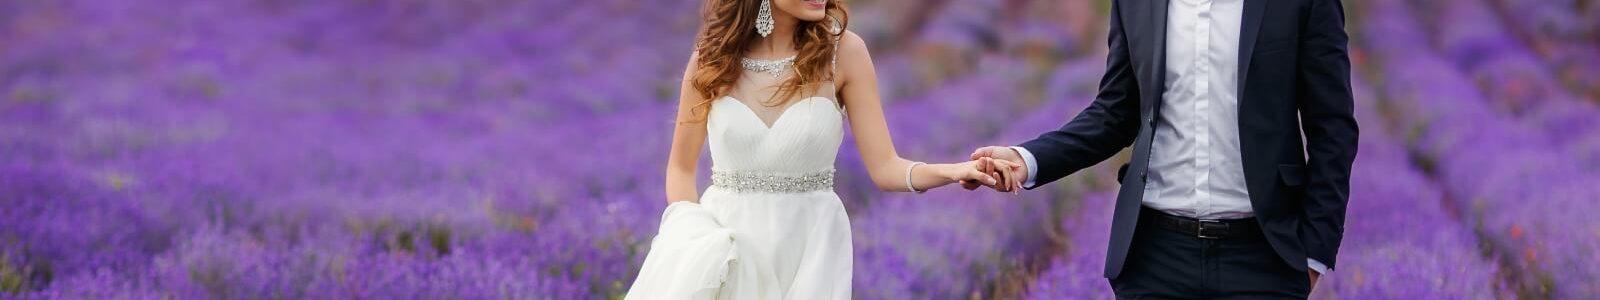 Нежный дурман Прованса: как оформить лавандовую свадьбу